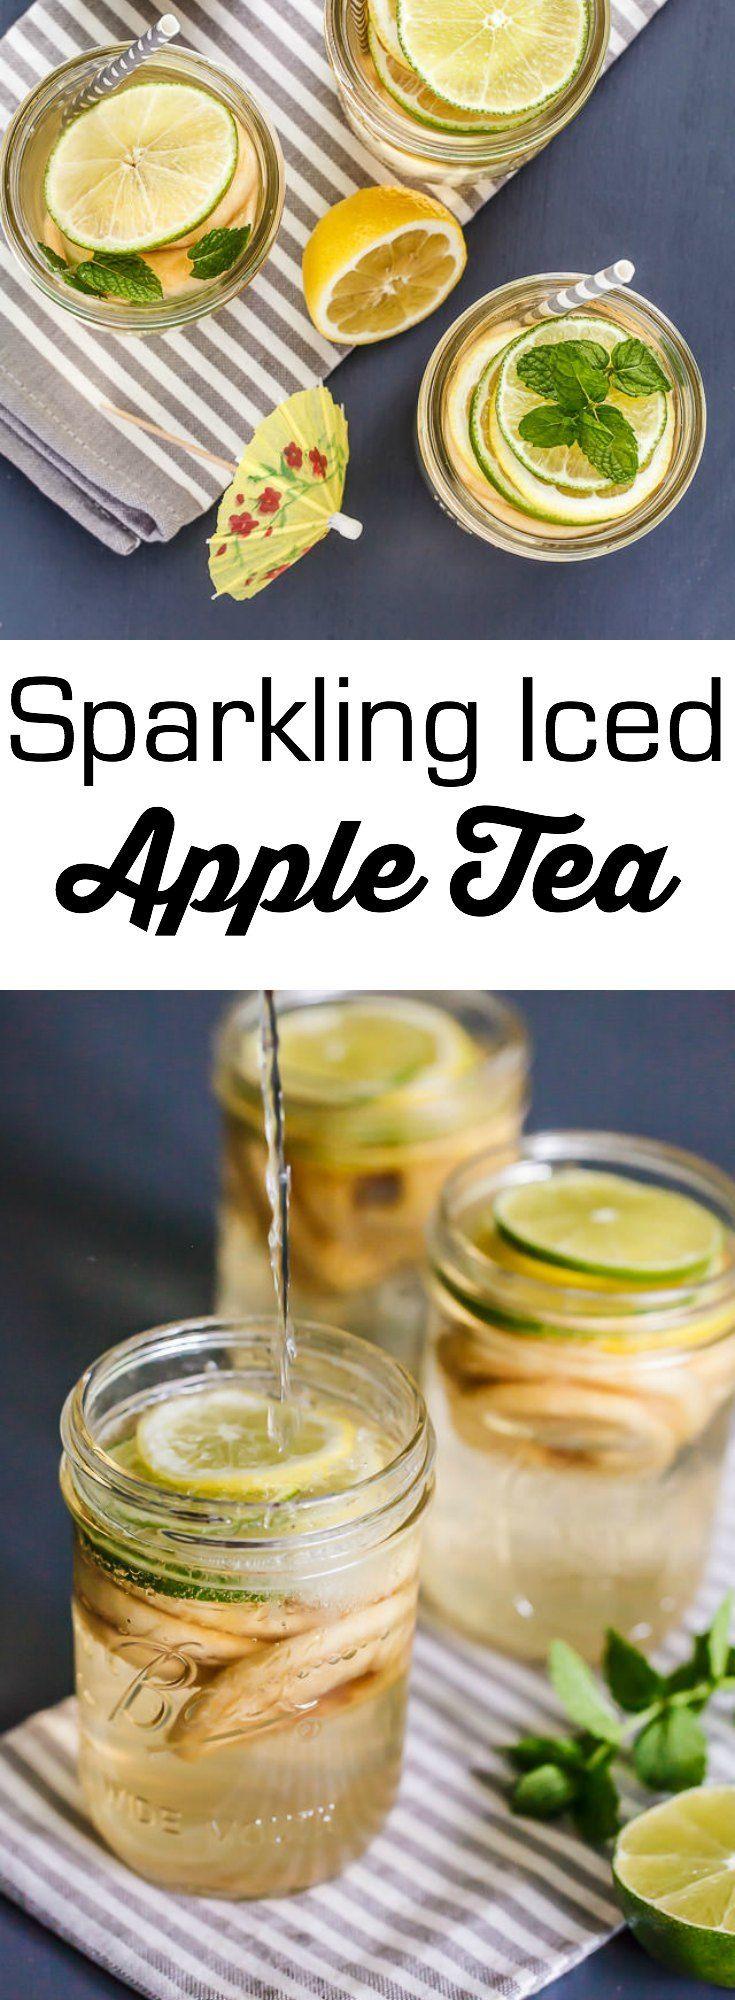 25+ best ideas about Apple tea on Pinterest | Tea, Fall ...